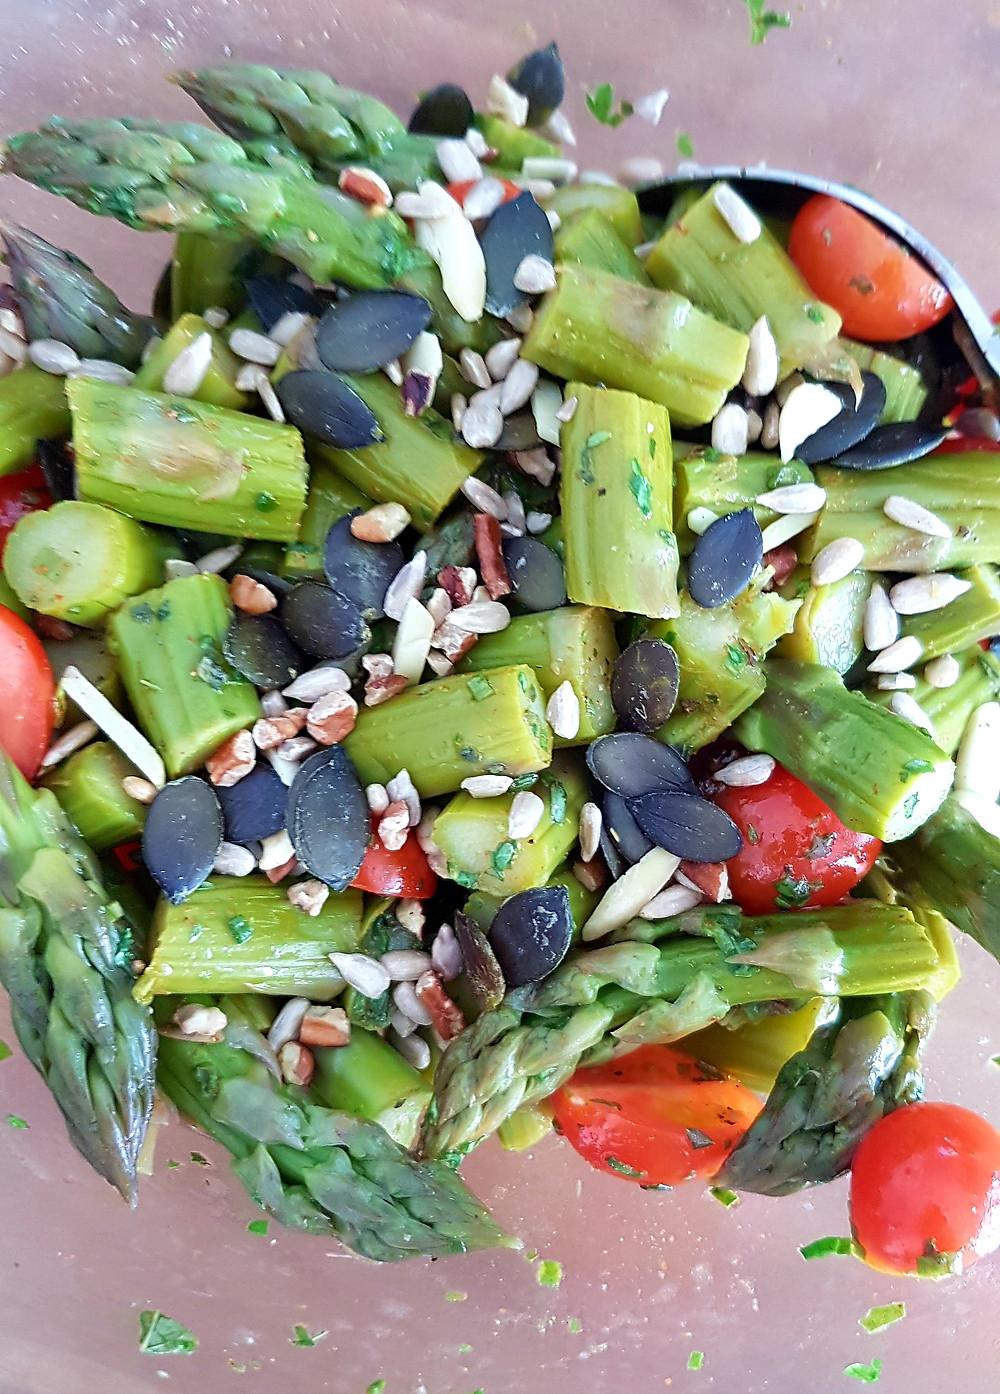 Ernährungstherapie, Ernährungsberatung und Fitnessberatung in Lyss, Fabienne Kobi